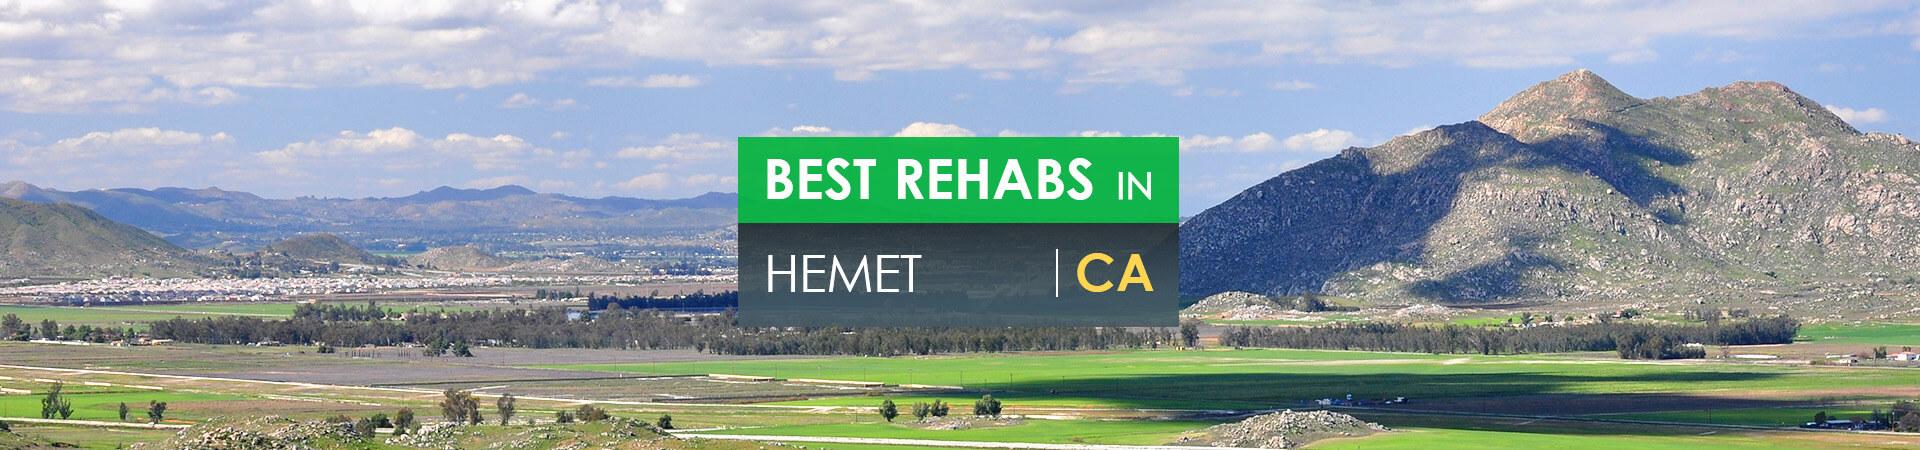 Best rehabs in Hemet, CA